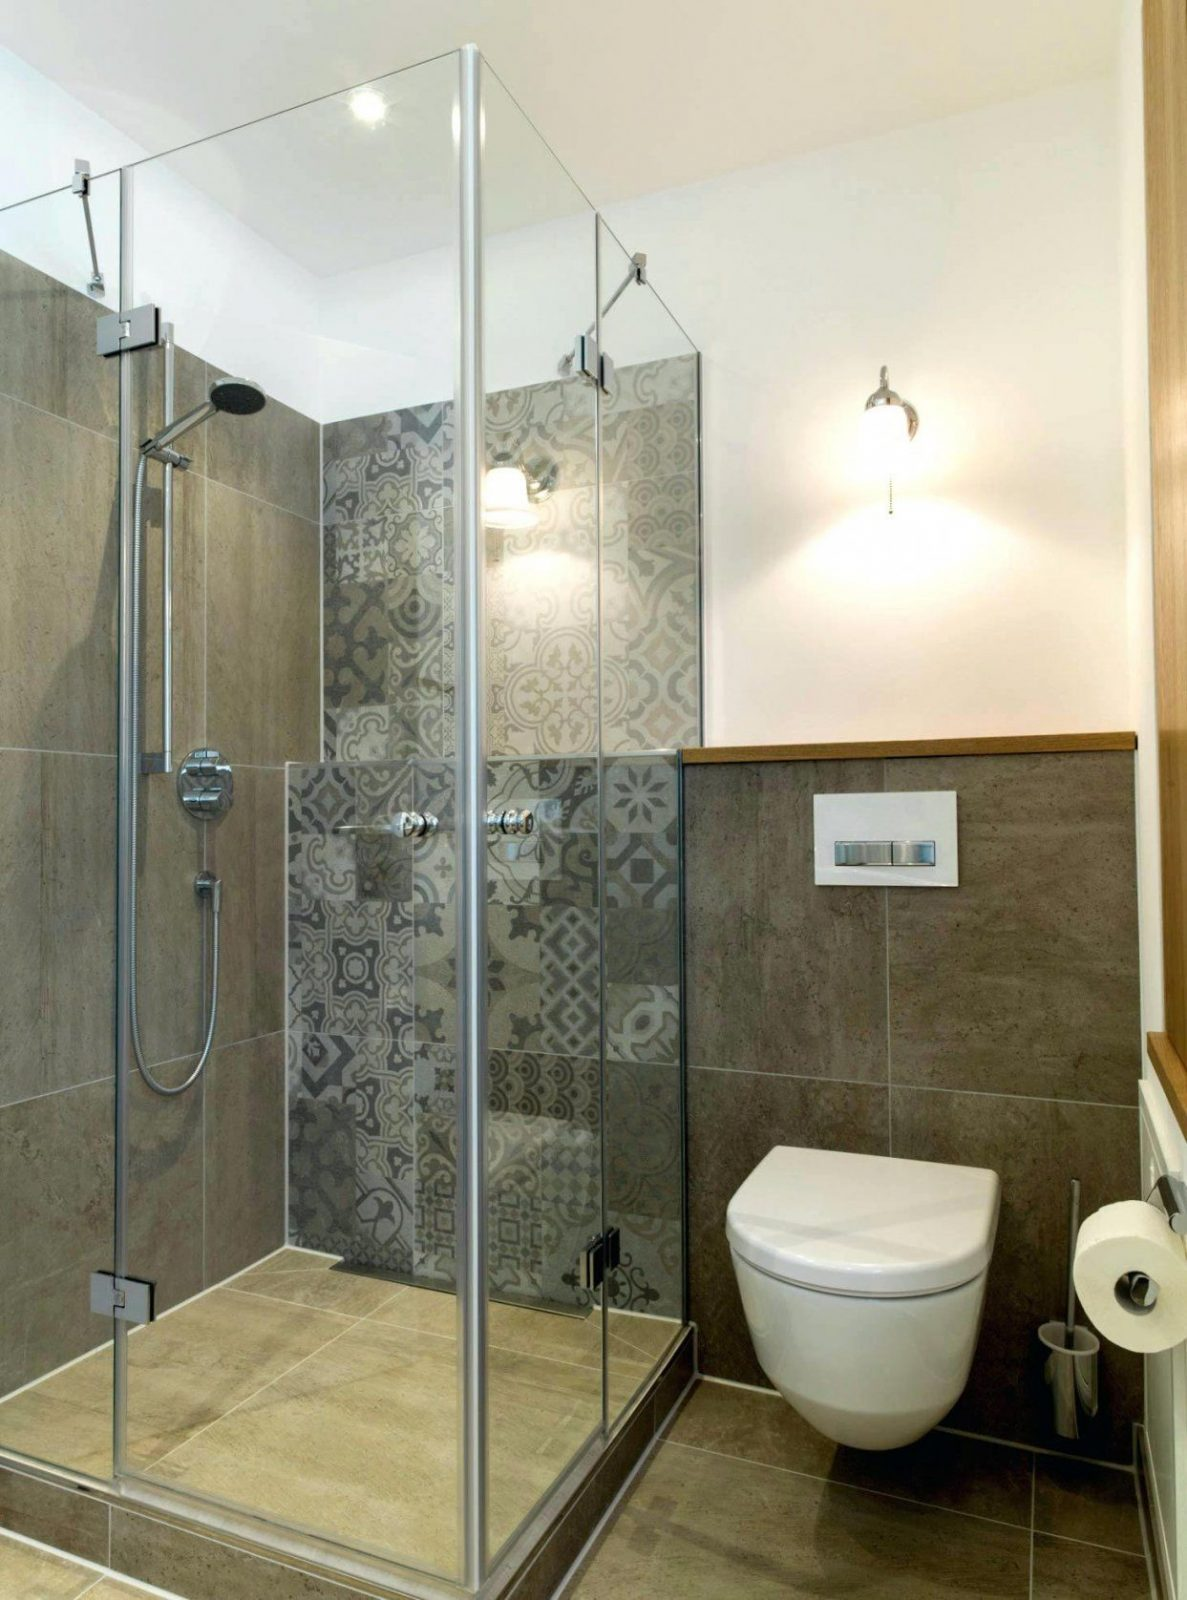 Mosaik Fliesen Fr Dusche Mosaik Fliesen Frs Badezimmer Ideen Fr Die von Mosaik Fliesen Für Dusche Photo